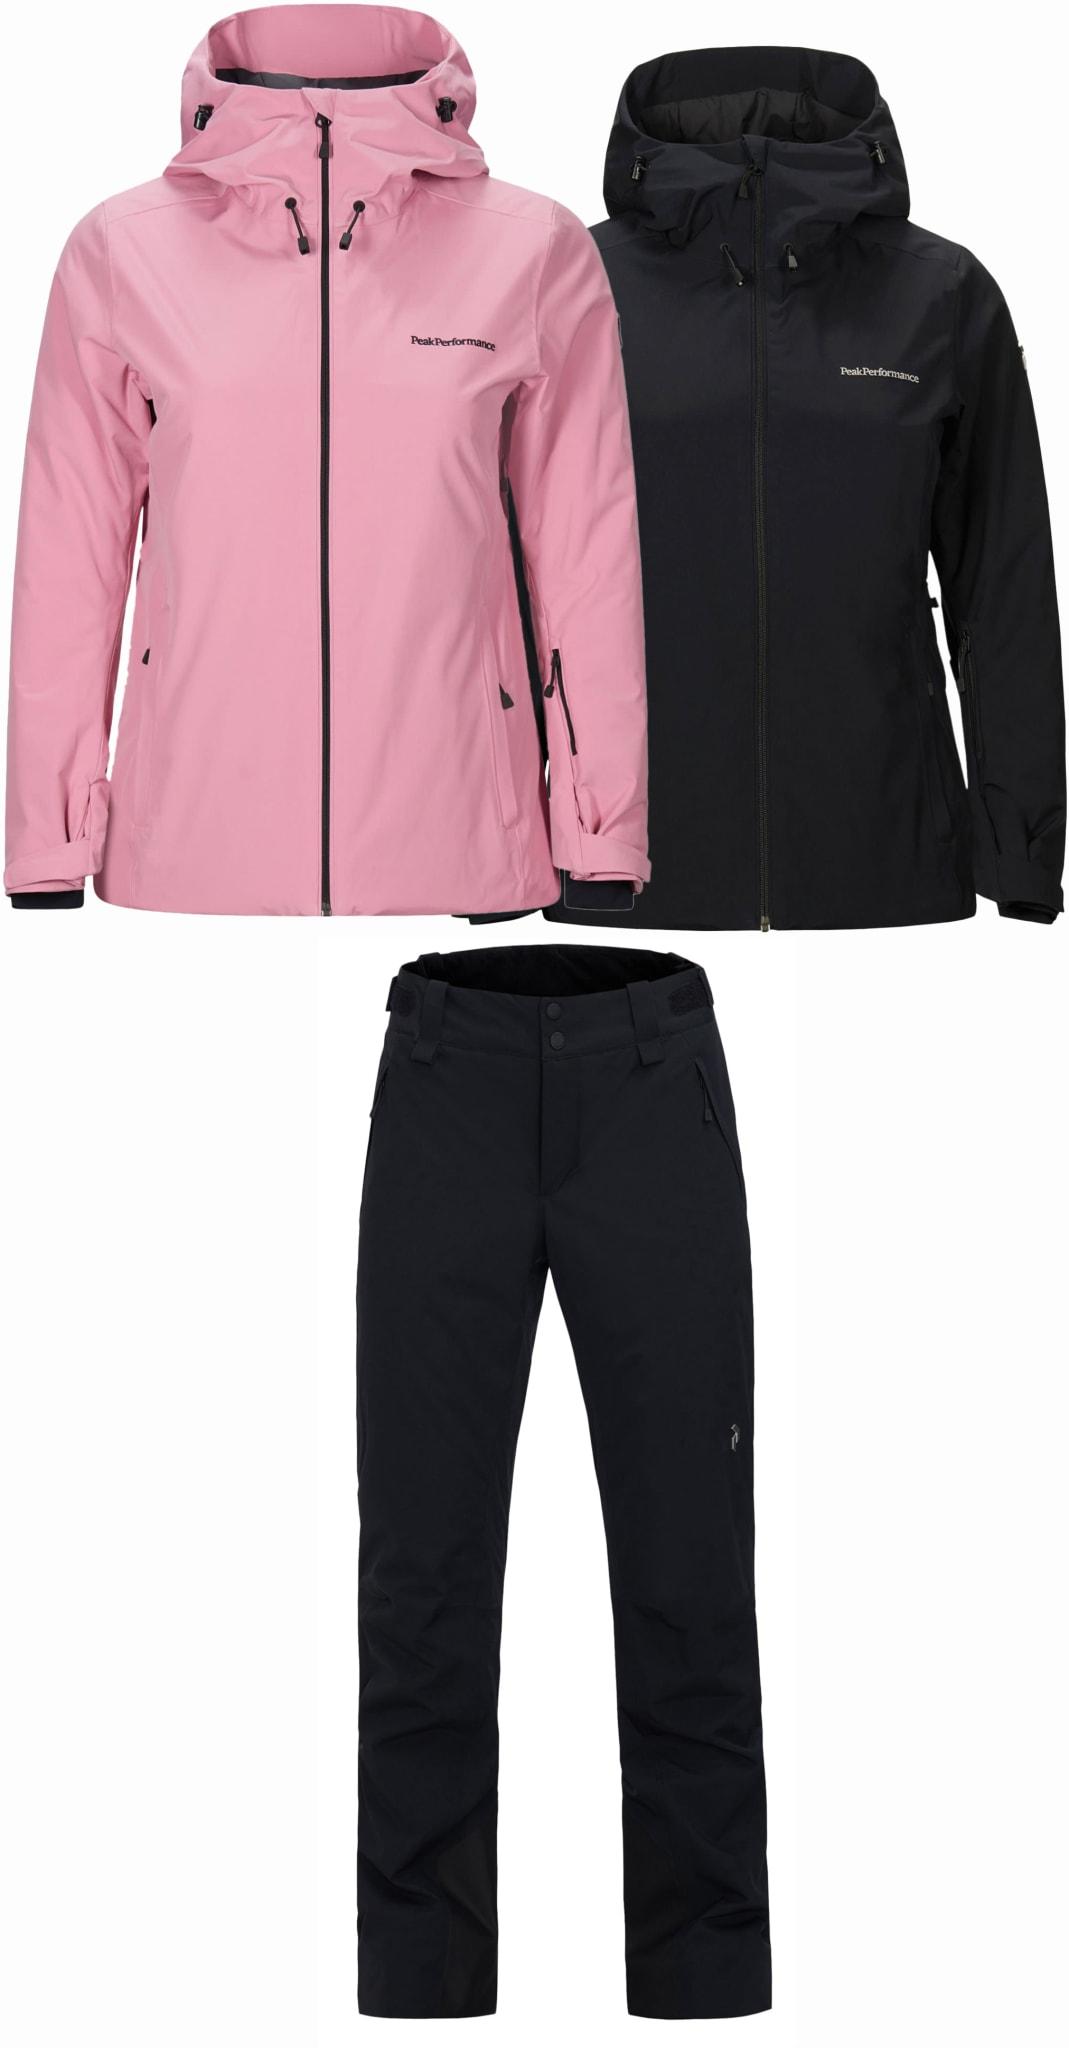 Anima Jacket + Pant